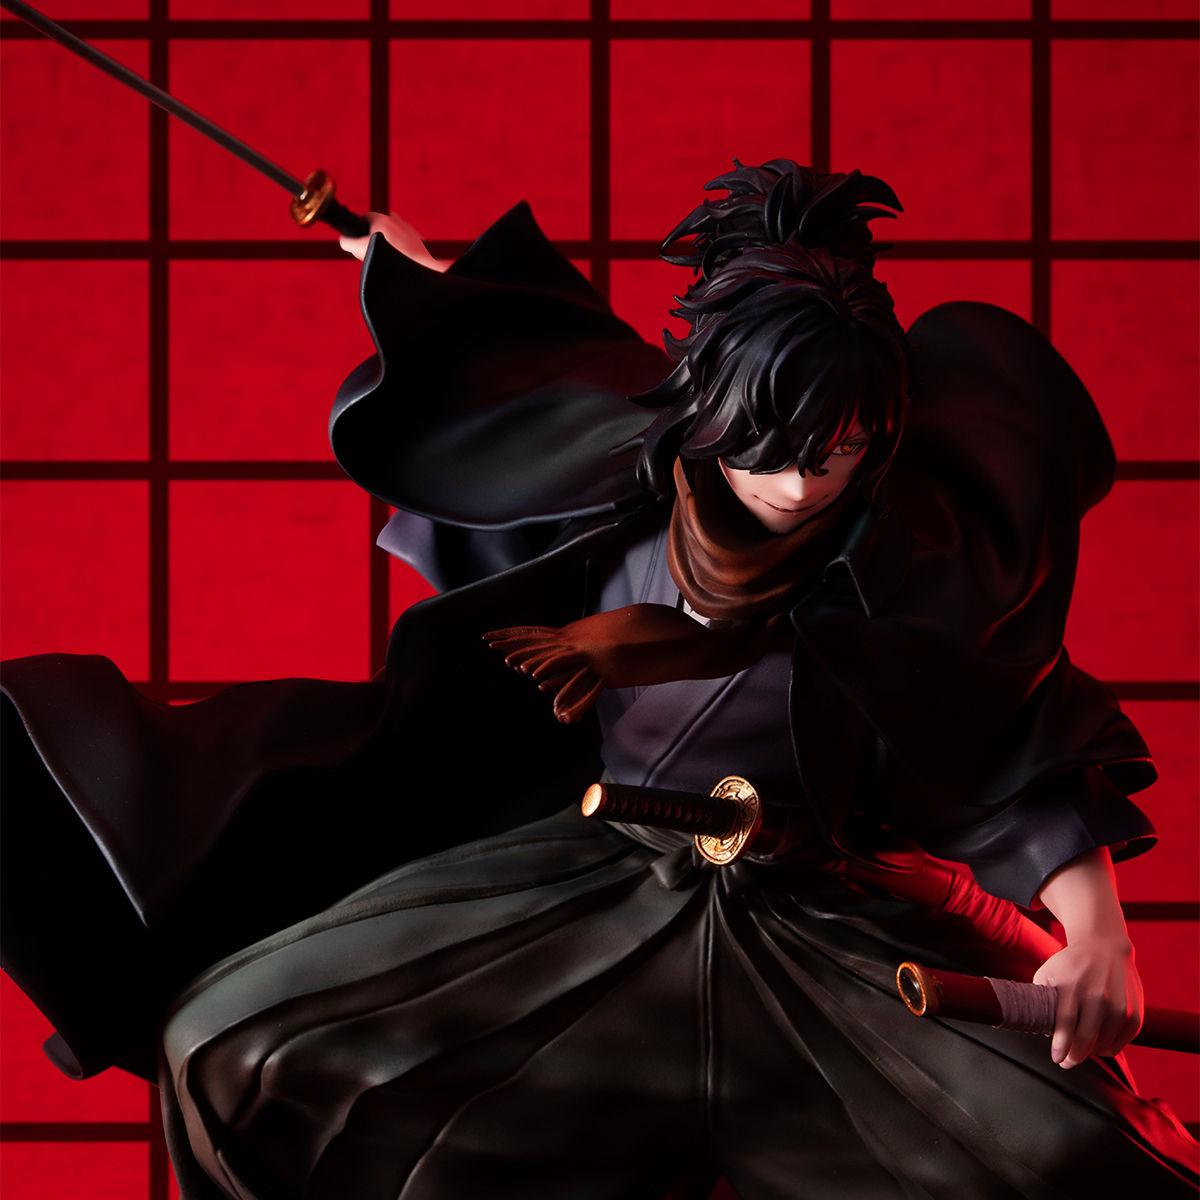 【限定販売】Fate/Grand Order『アサシン/岡田以蔵』1/8 完成品フィギュア-001